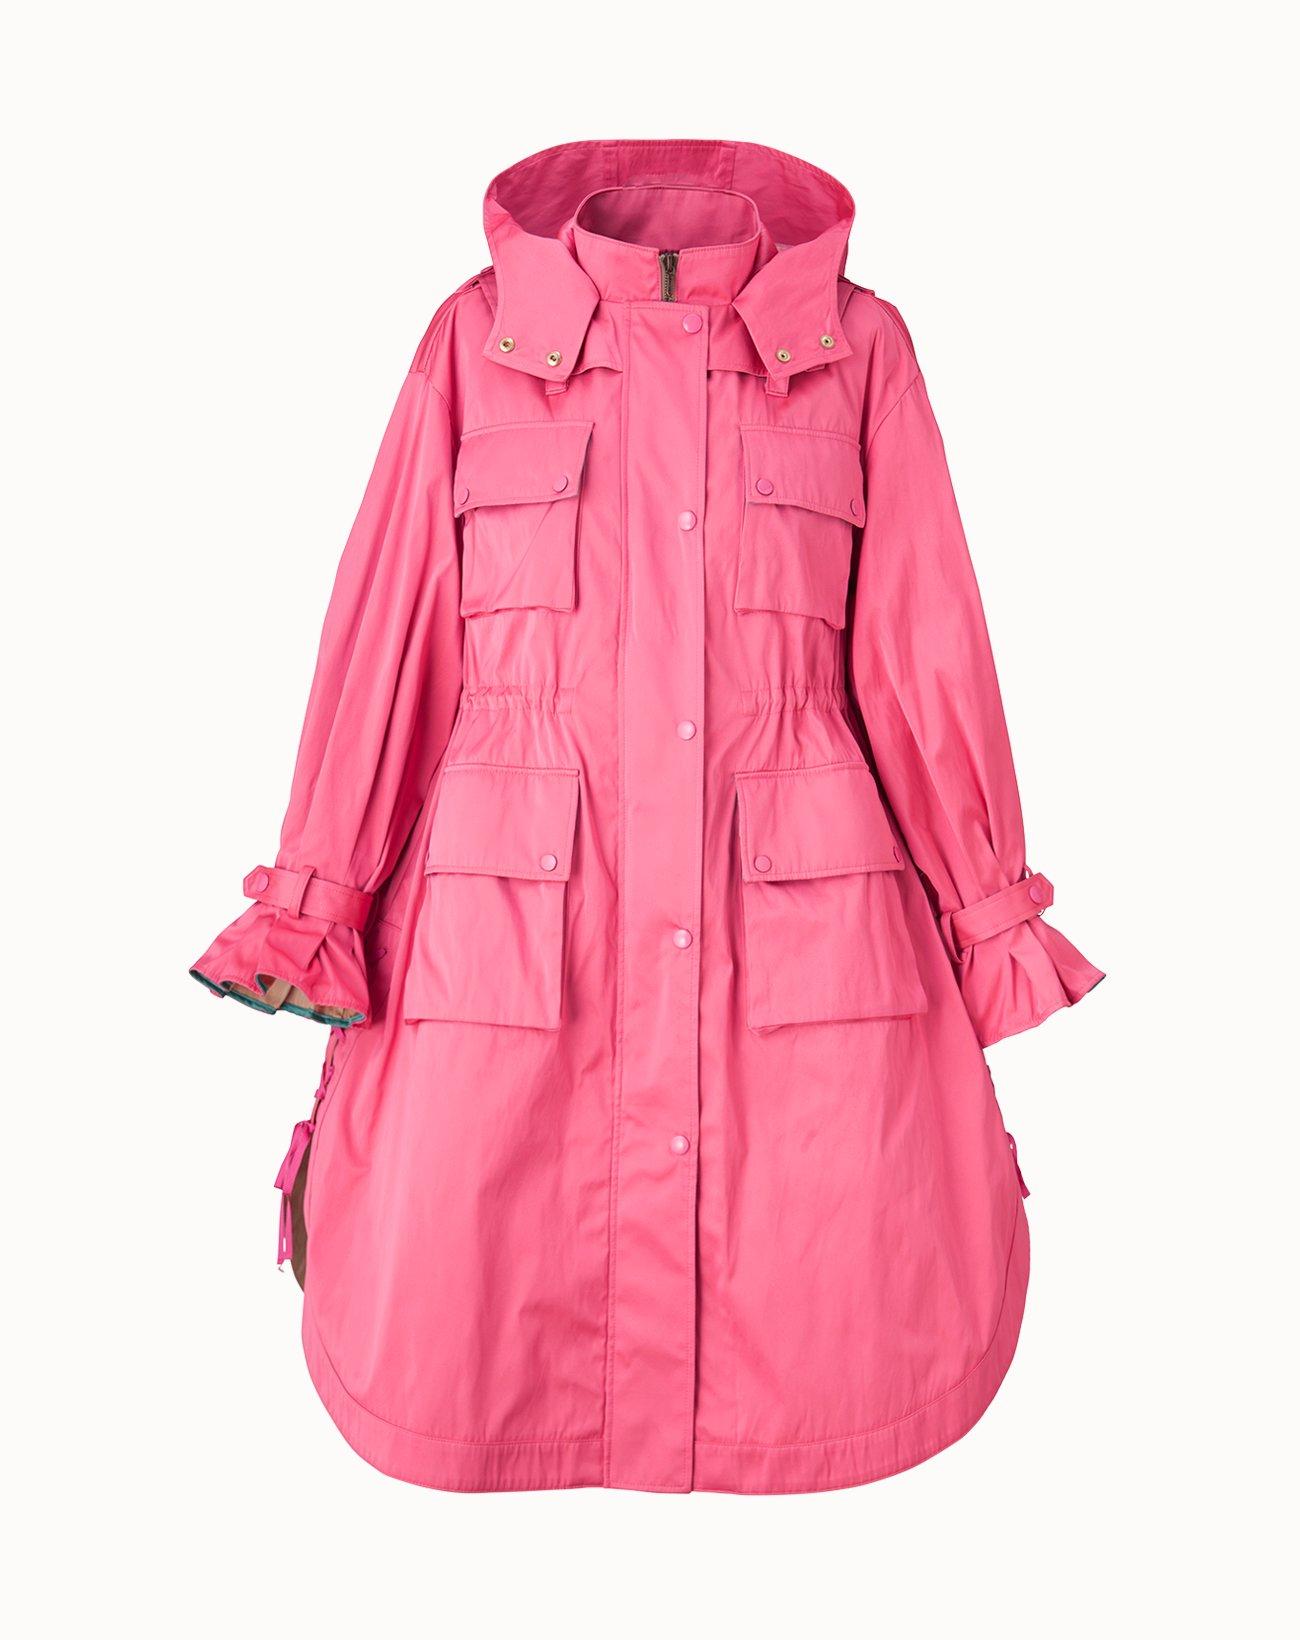 Taffeta Coat - Pink